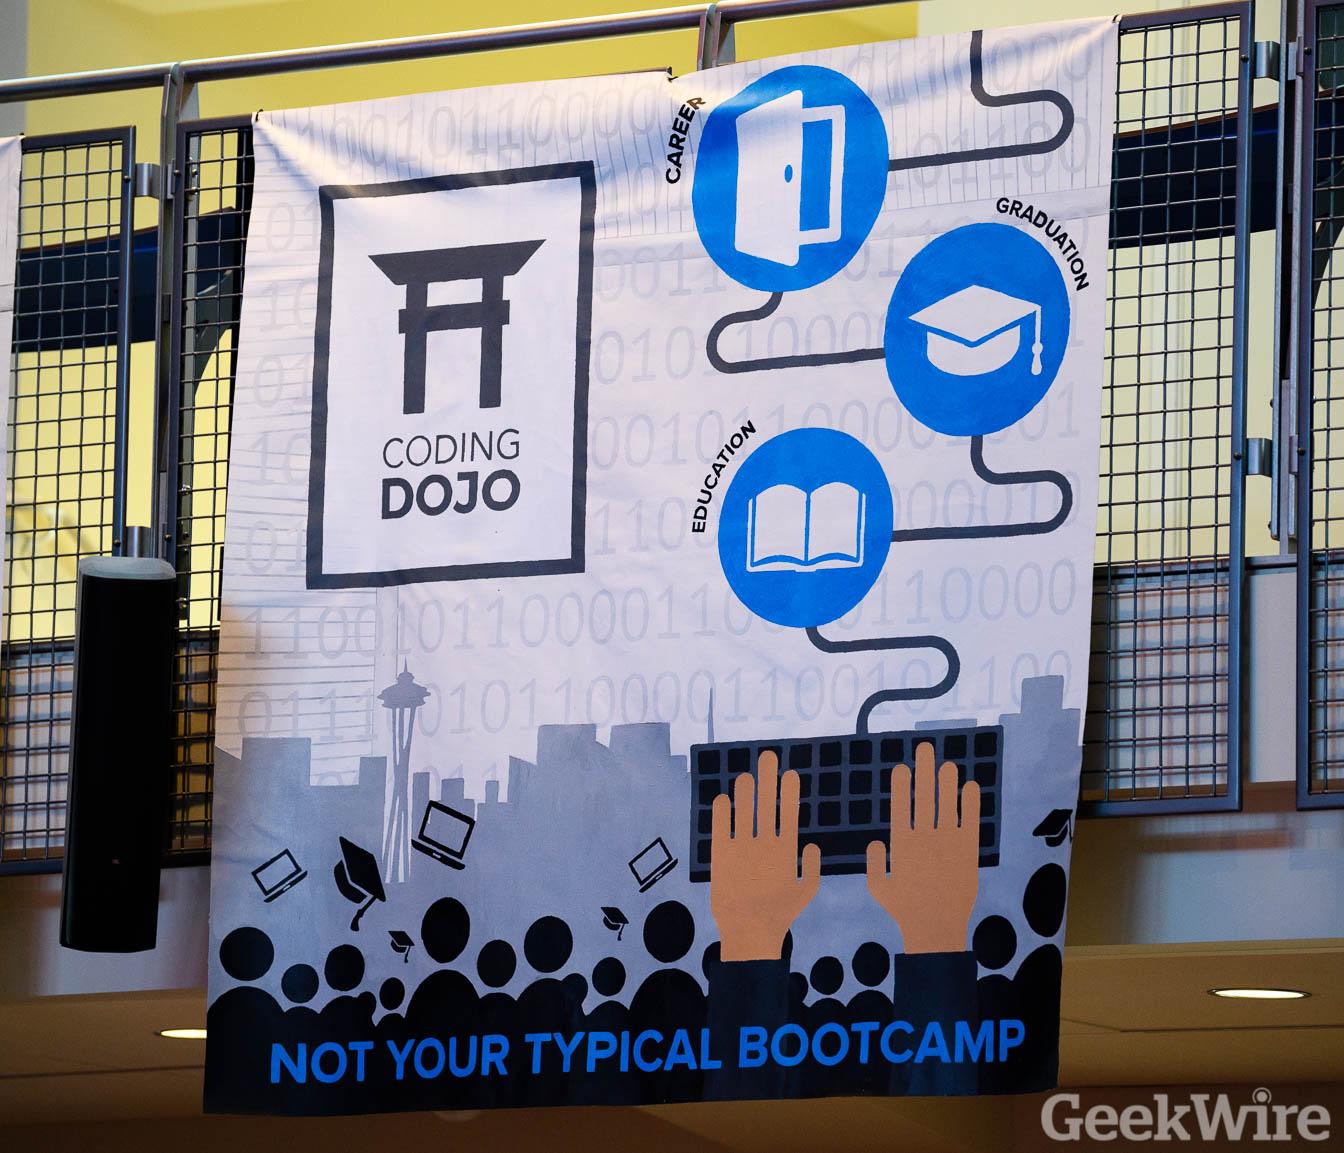 Developer bootcamp Coding Dojo cuts 10 jobs despite